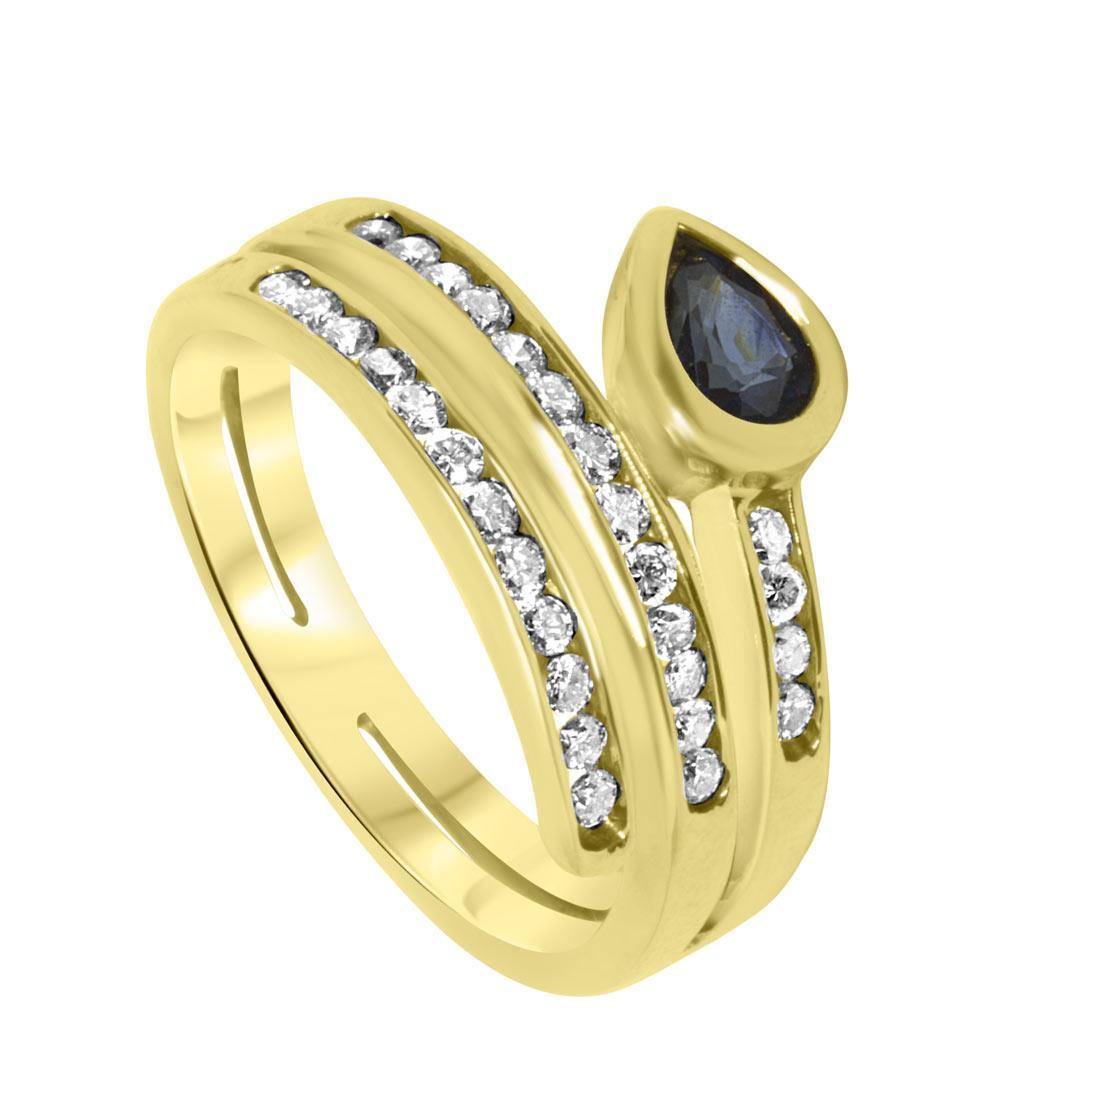 Anello in oro giallo con diamanti ct 0.43 e zaffiri ct 0.43, misura 14.5 - ORO&CO